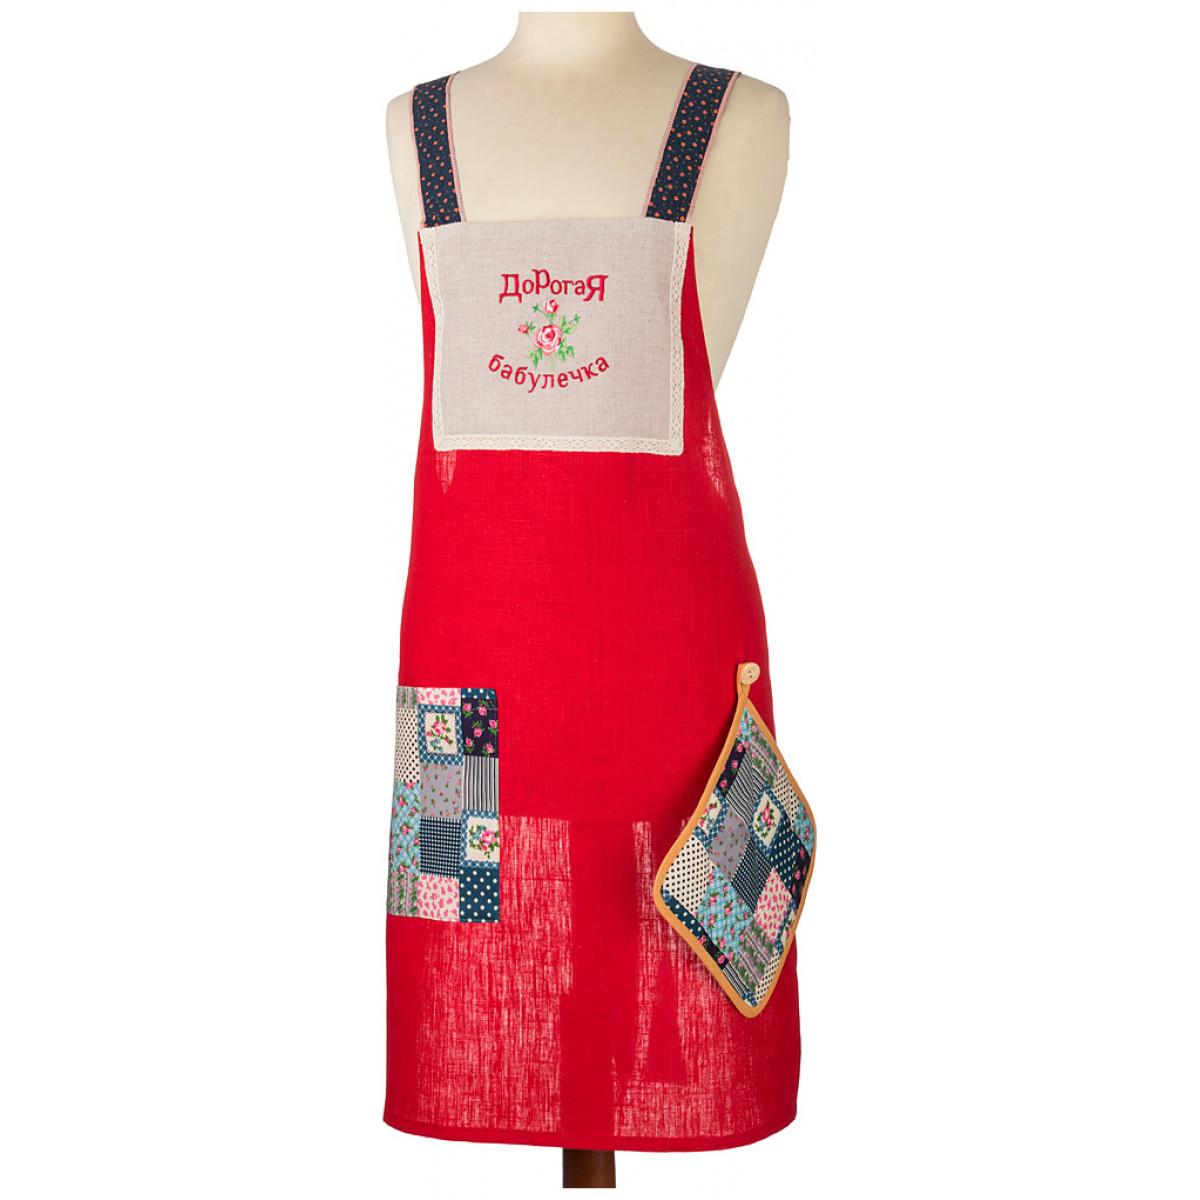 Рукавицы, прихватки, фартуки Santalino Кухонный набор Benjamin фартуки кухонные римейн фартук взрослый с карманом